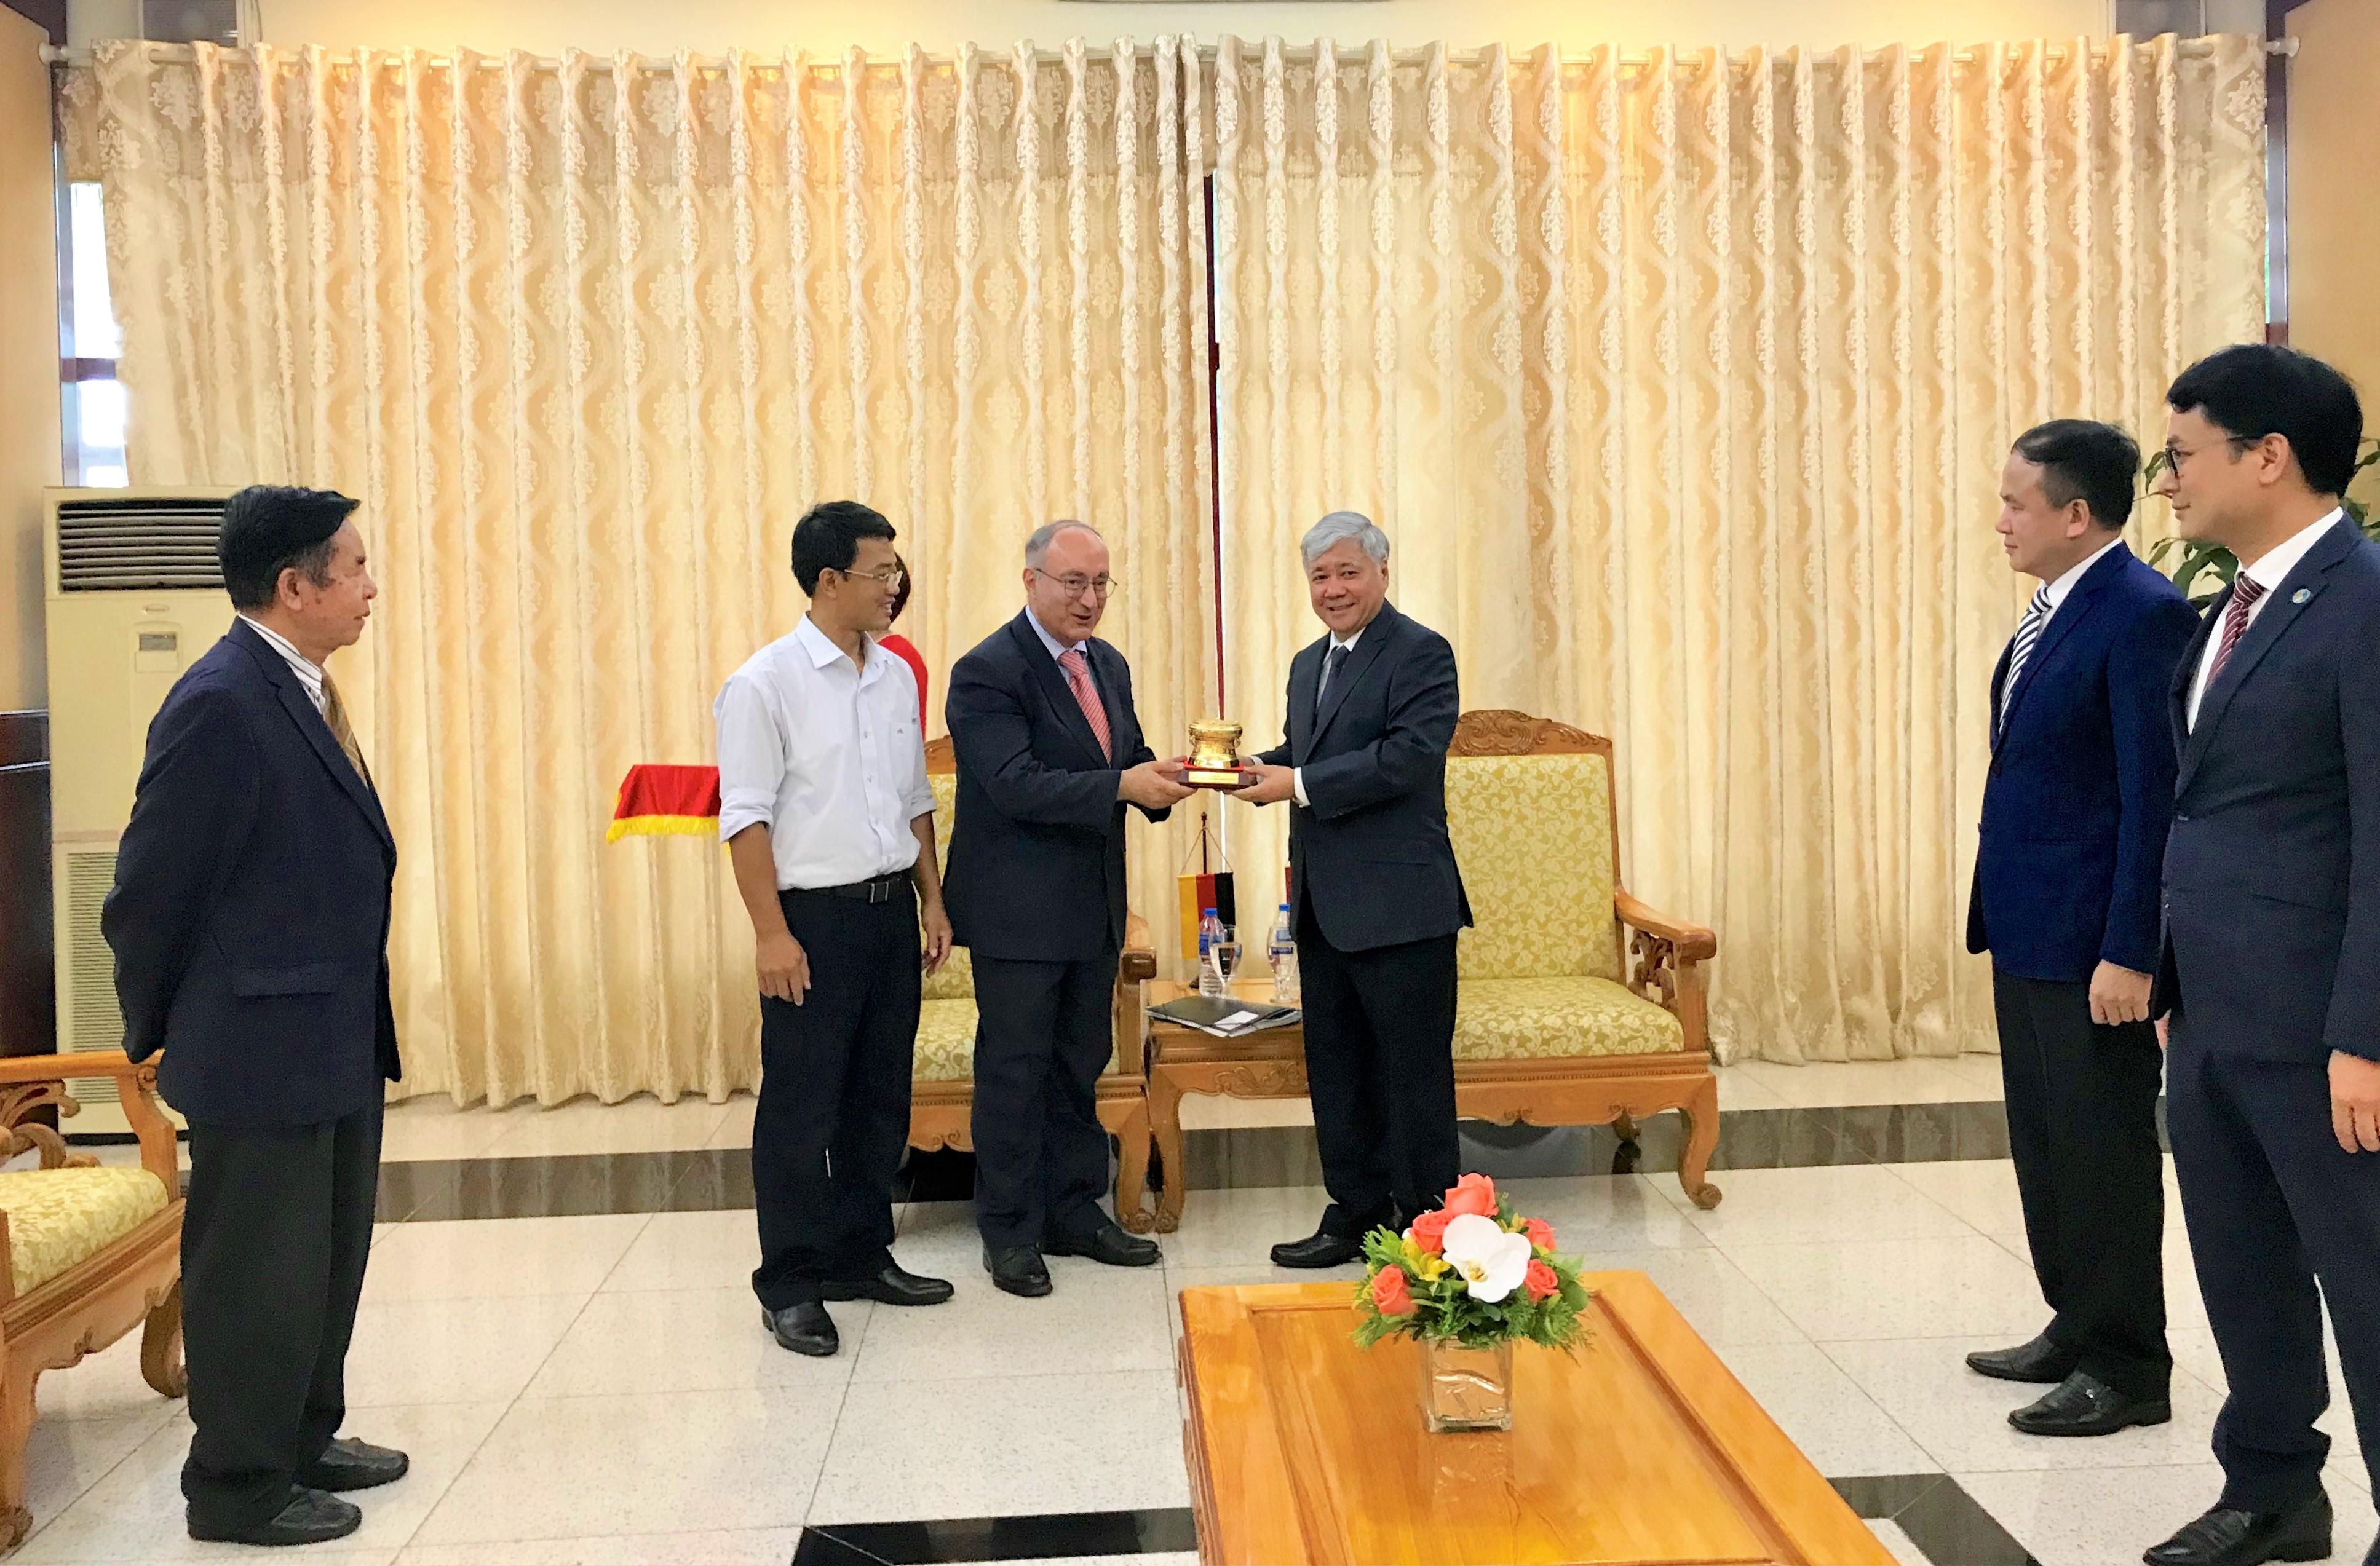 Bộ trưởng, Chủ nhiệm Ủy ban Dân tộc Đỗ Văn Chiến tặng quà lưu niệm của Ủy ban Dân tộc cho Tiến sĩ Kambiz Ghawami.